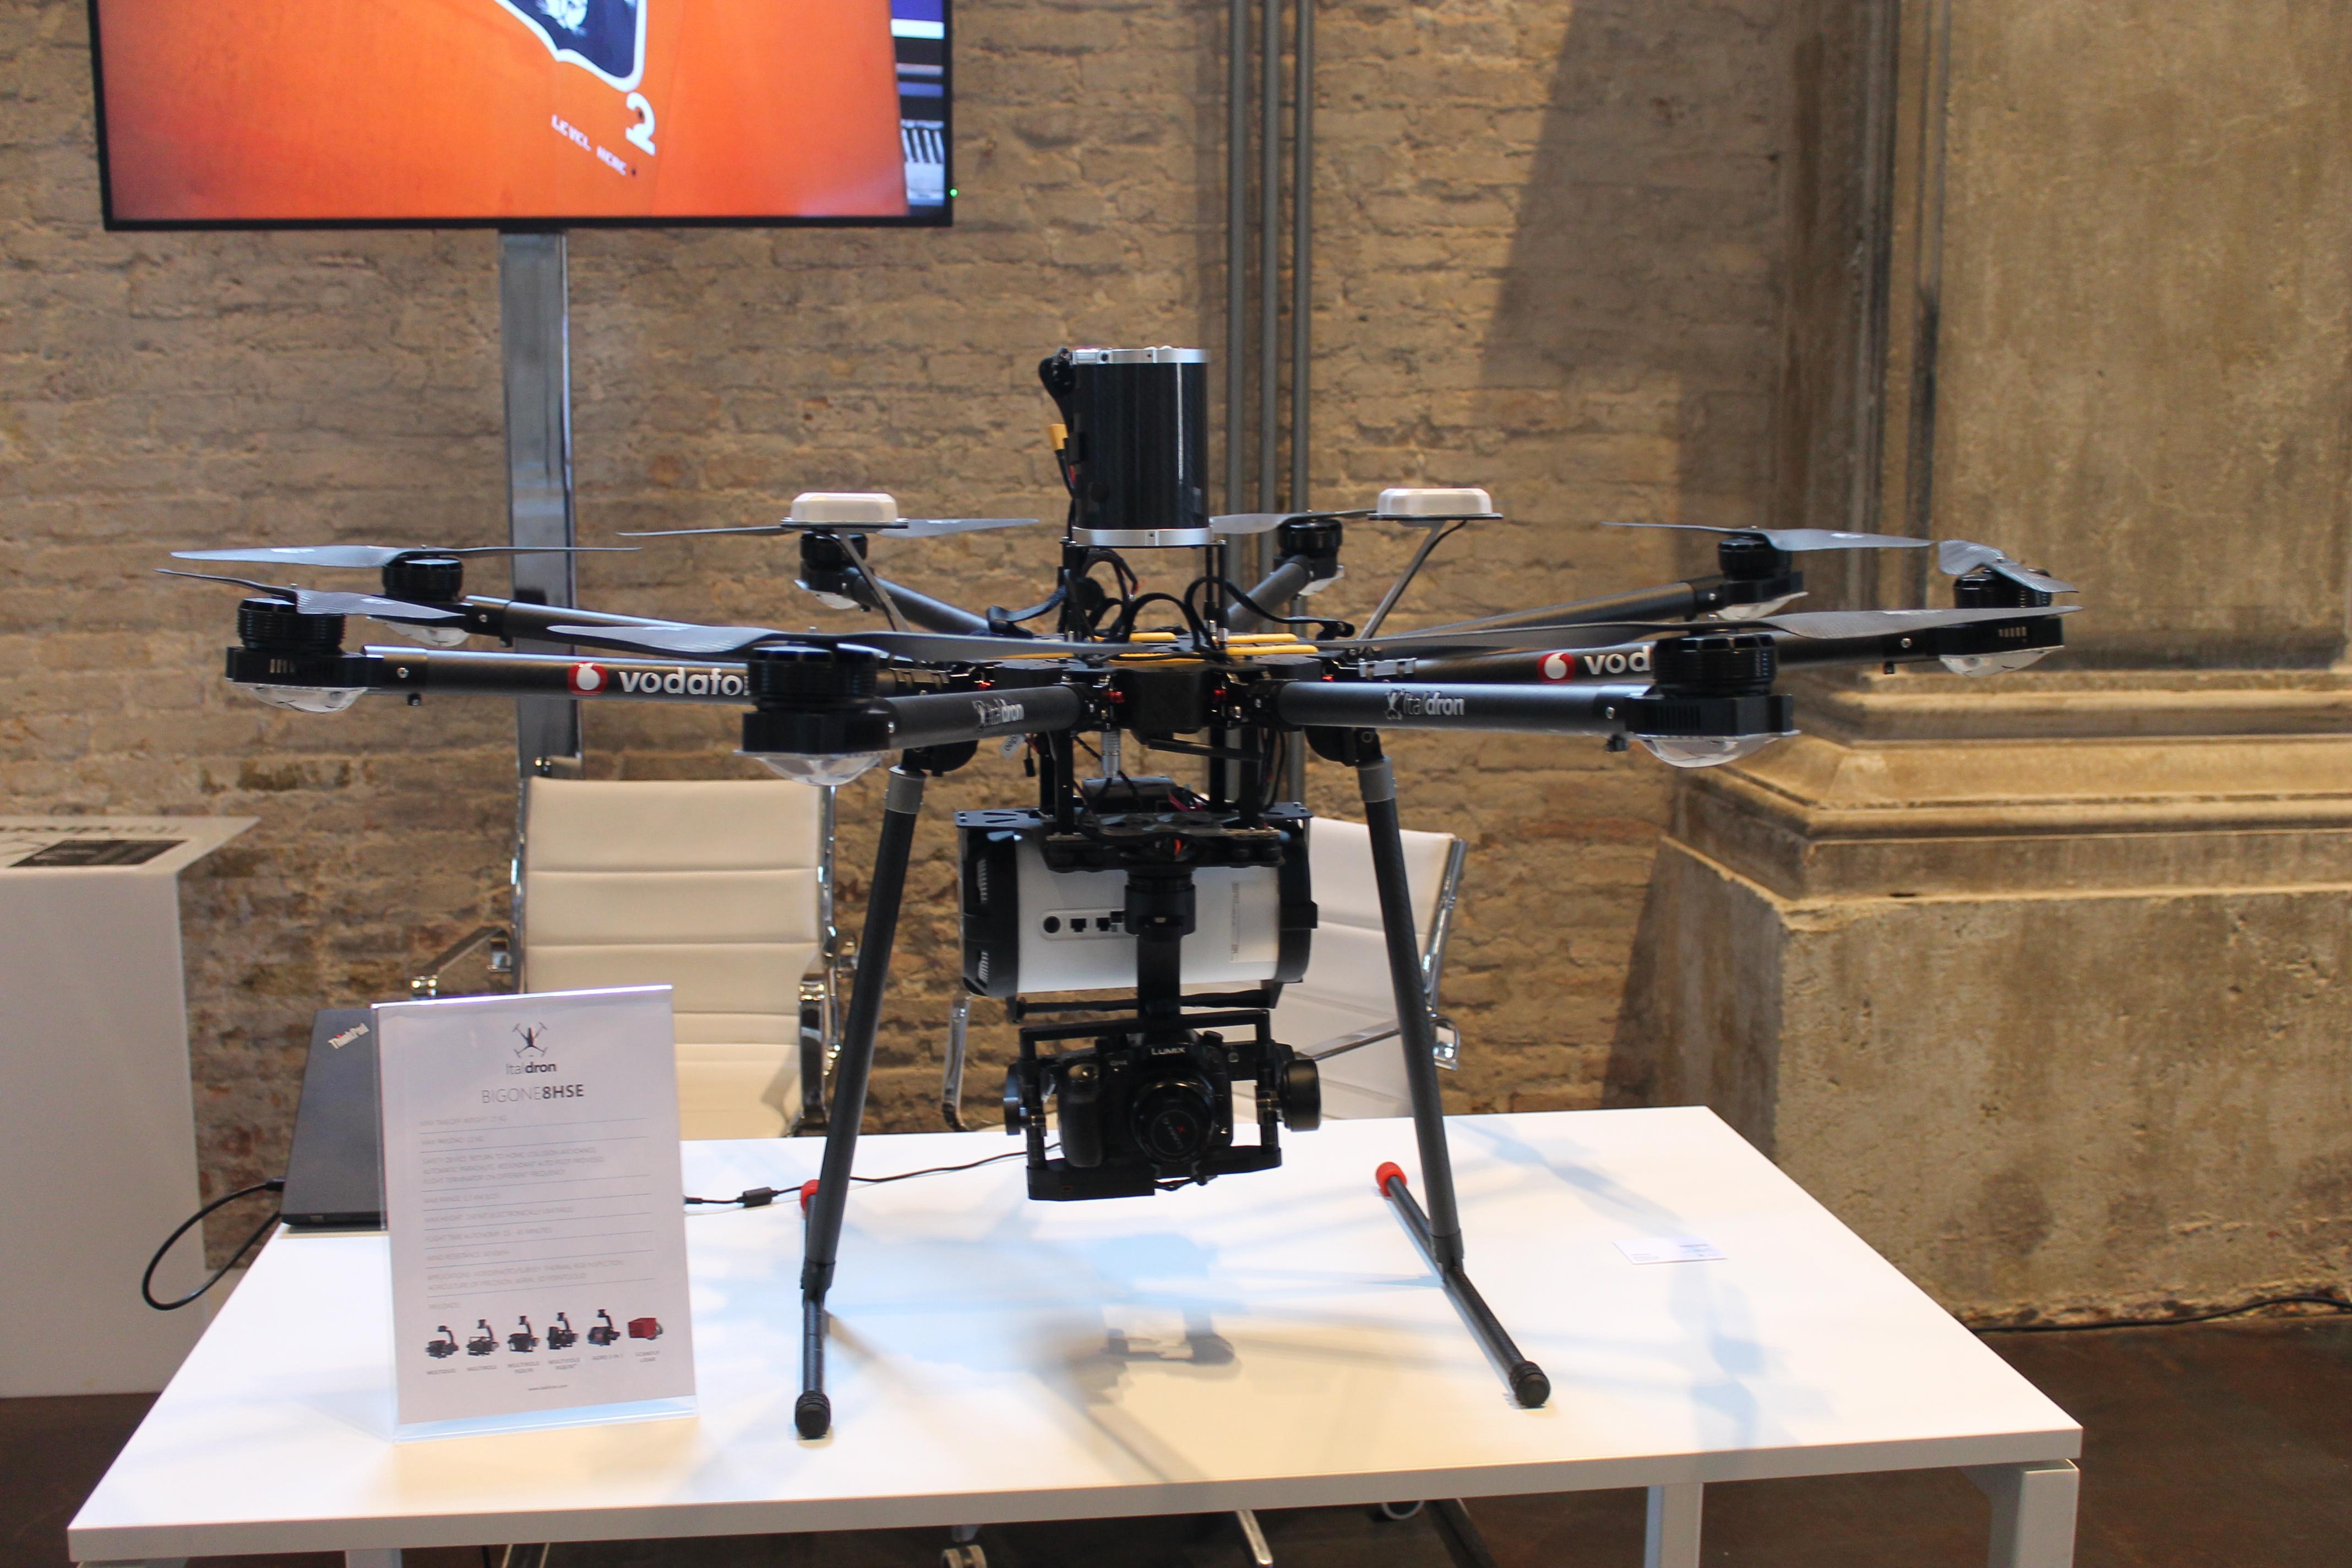 Innovazione SocialeInnovazione Sociale Drone Tech Festival Il Foglio